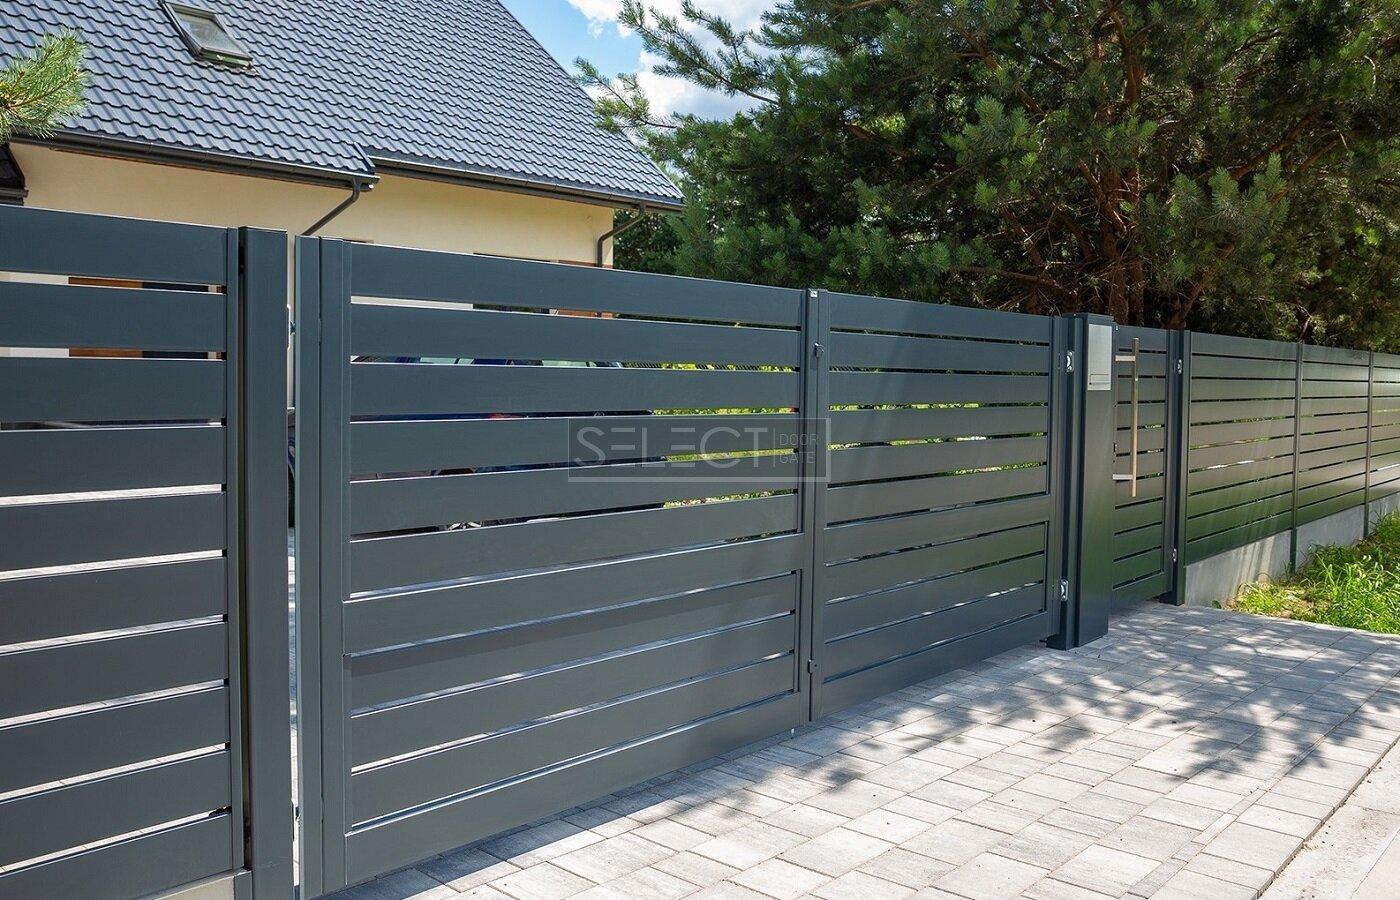 Въездные ворота Селект Лайн с автоматикой - купить заборы современные для частного дома - узнать цены